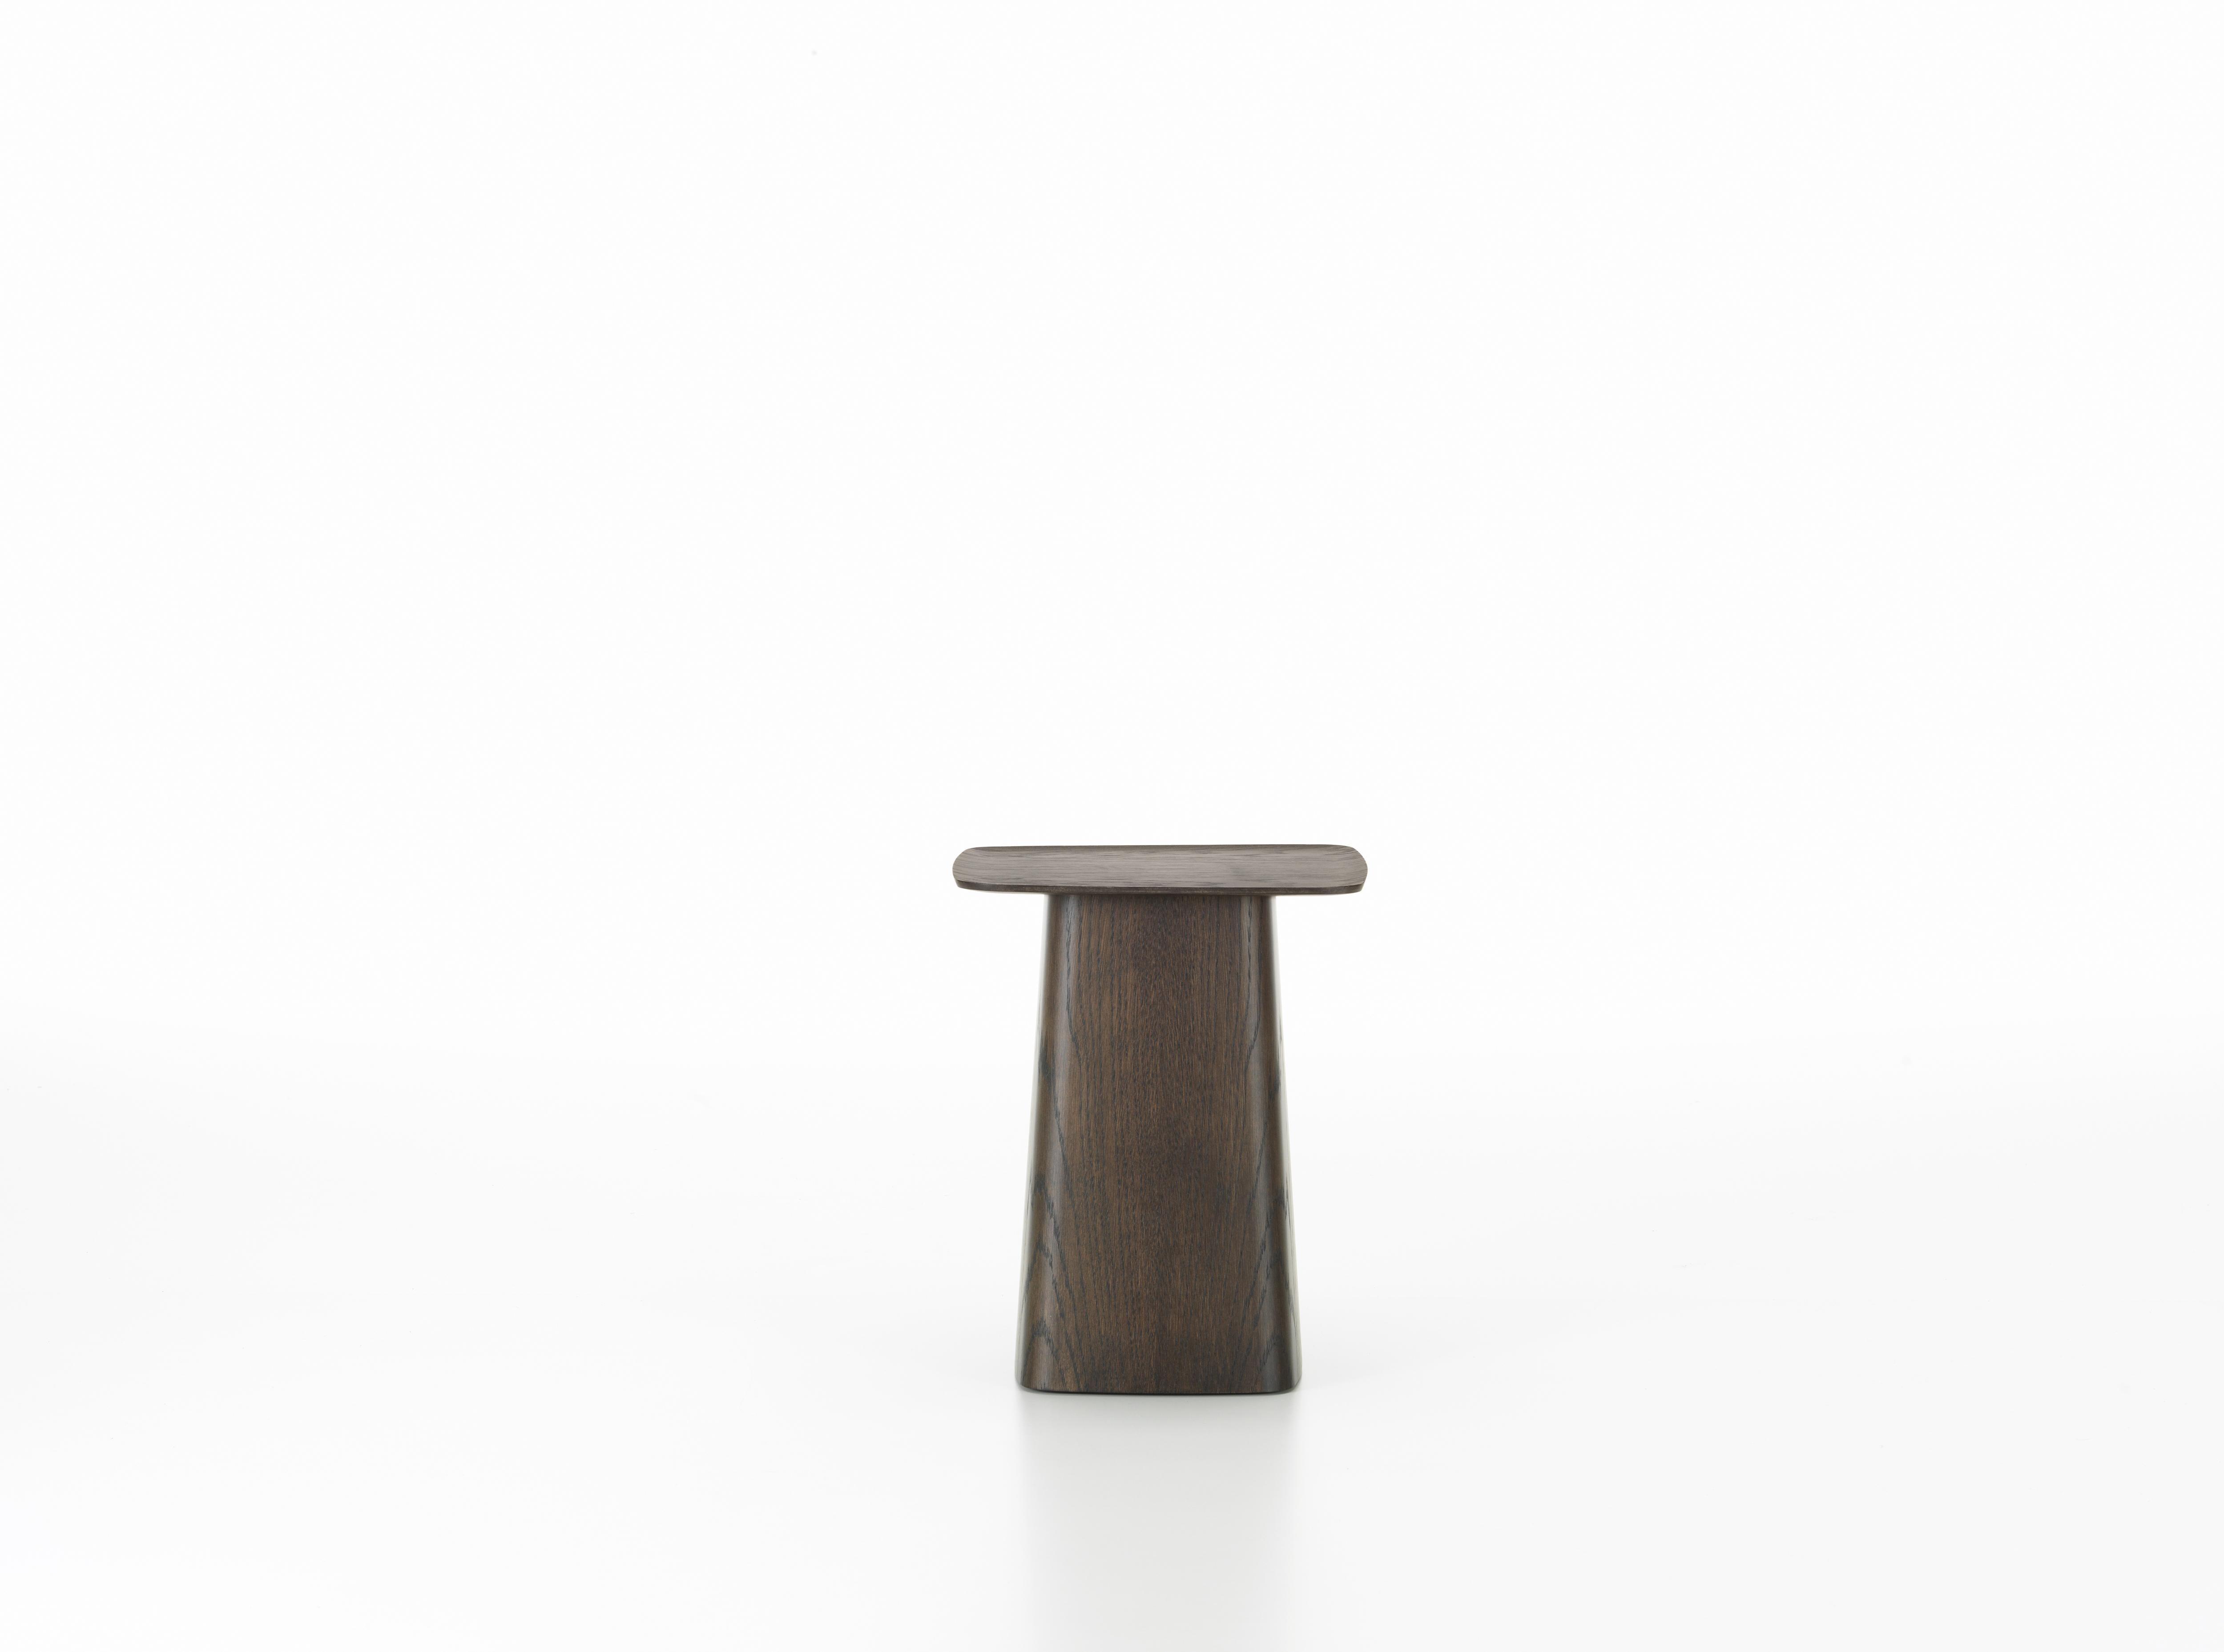 Vitra Small Wooden Side Table In Dark Oak By Ronan Erwan Bouroullec